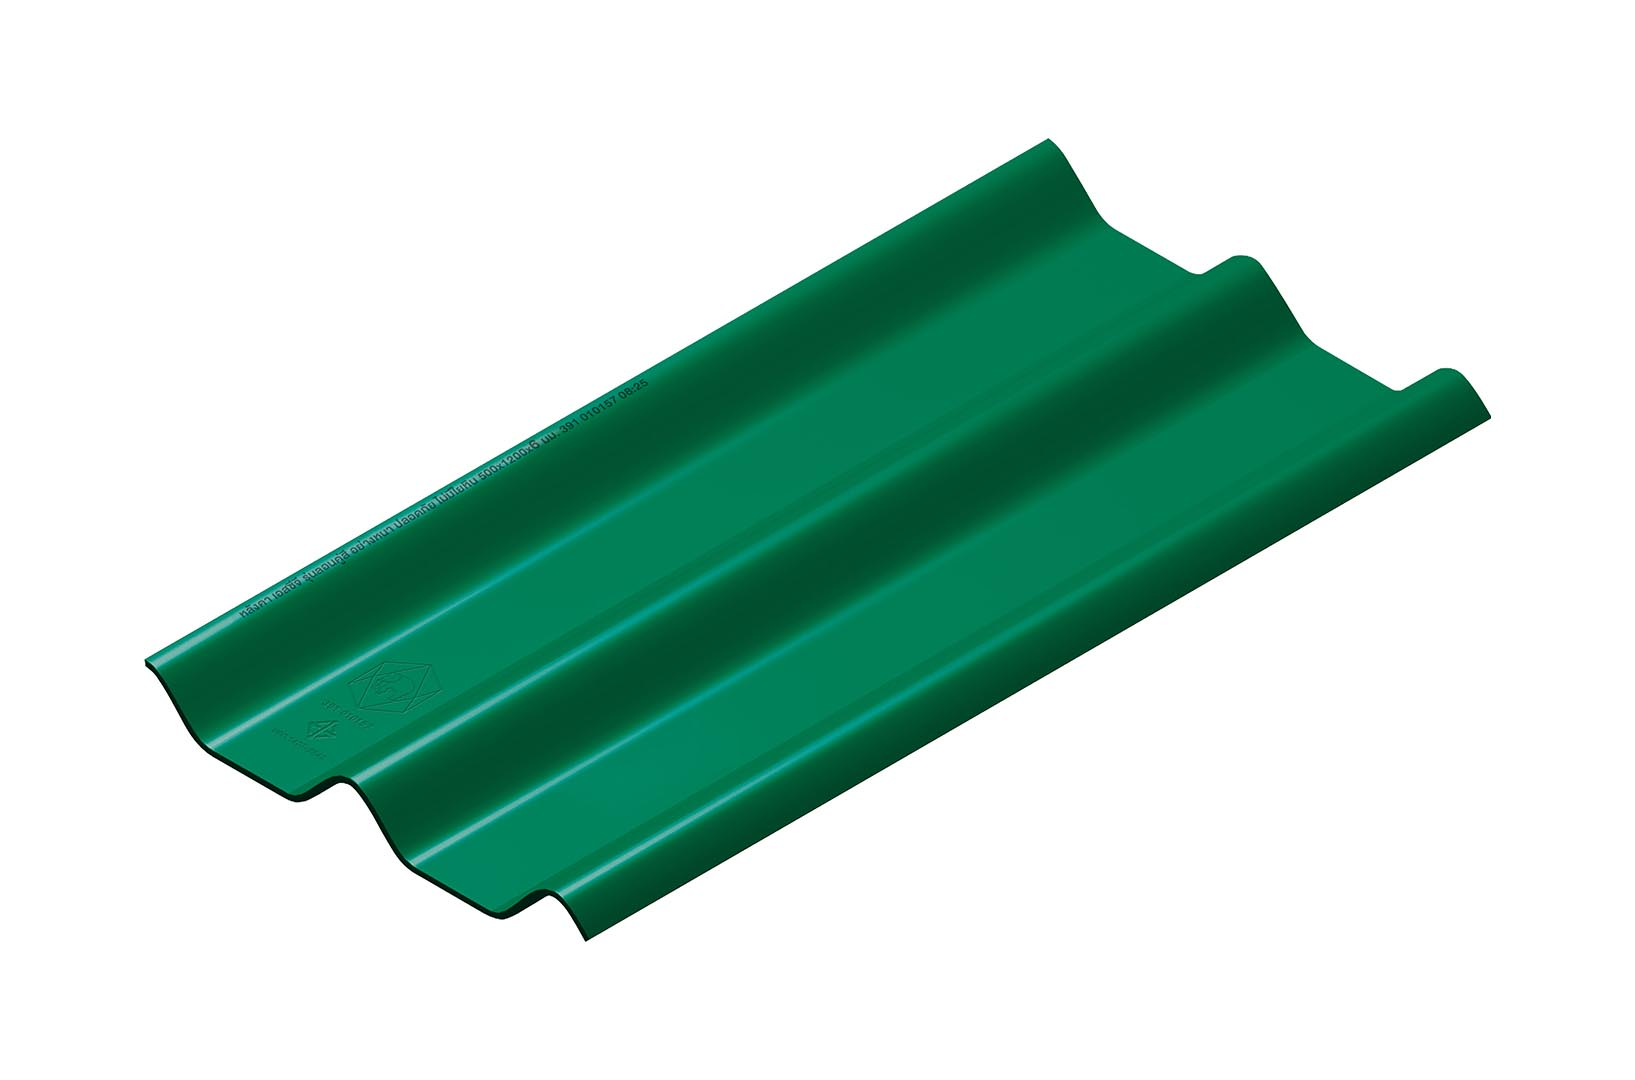 หลังคาไฟเบอร์ซีเมนต์ เอสซีจี รุ่น ลอนคู่ไฮบริด 50x150x0.55 สีเขียว